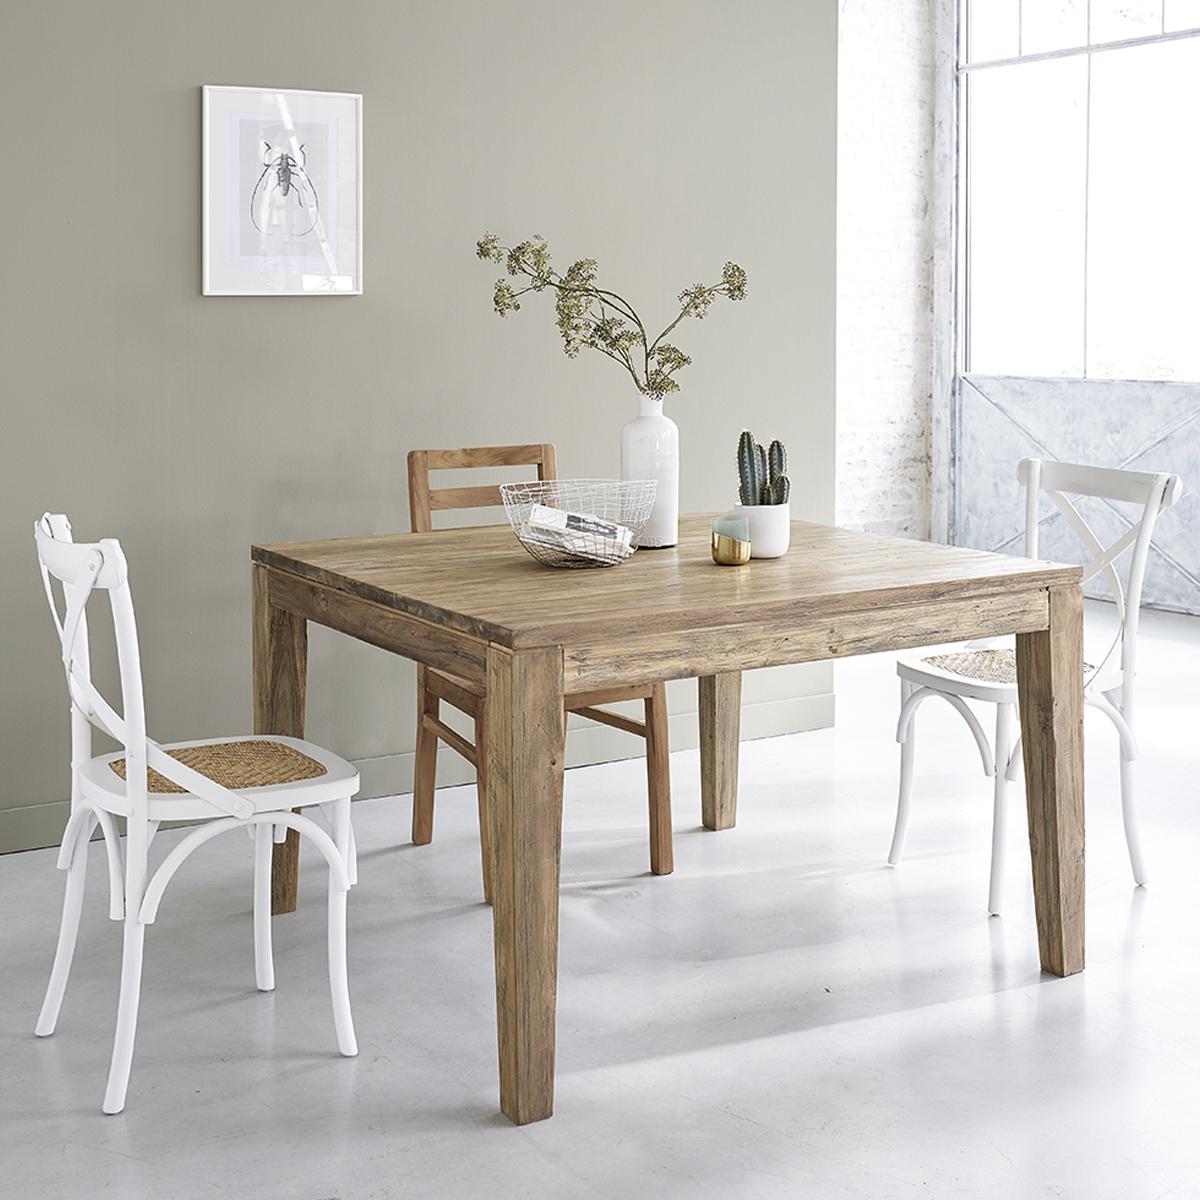 table salle à manger table en bois bois dessus bois dessous